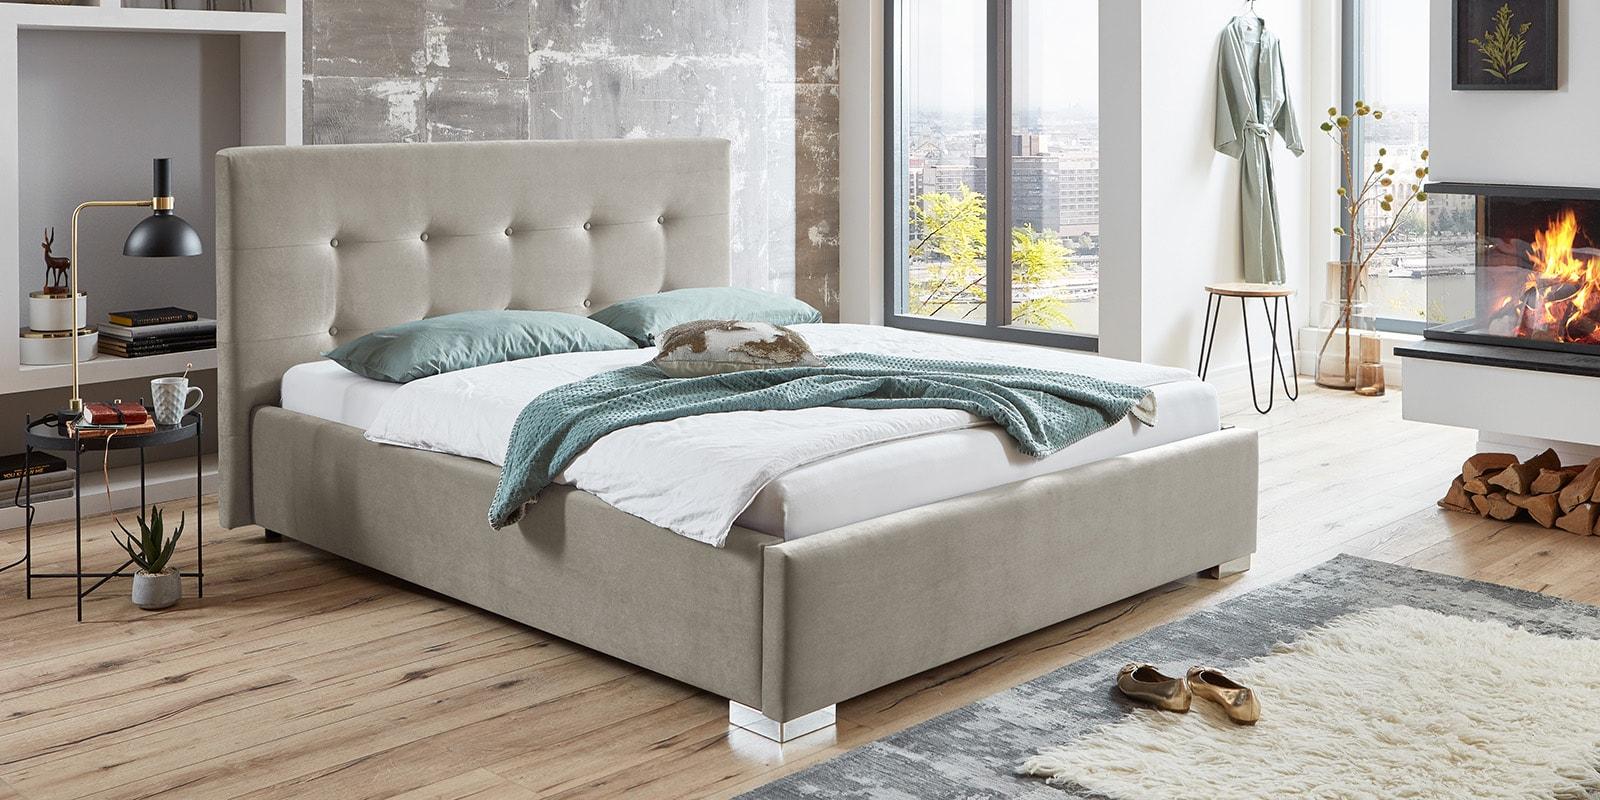 Moebella24 - Bett - mit - Bettkasten - Betty - Samt - Altweiß - Stauraum - Kopfteil - mit - Knopfheftung - Von - vorne - links